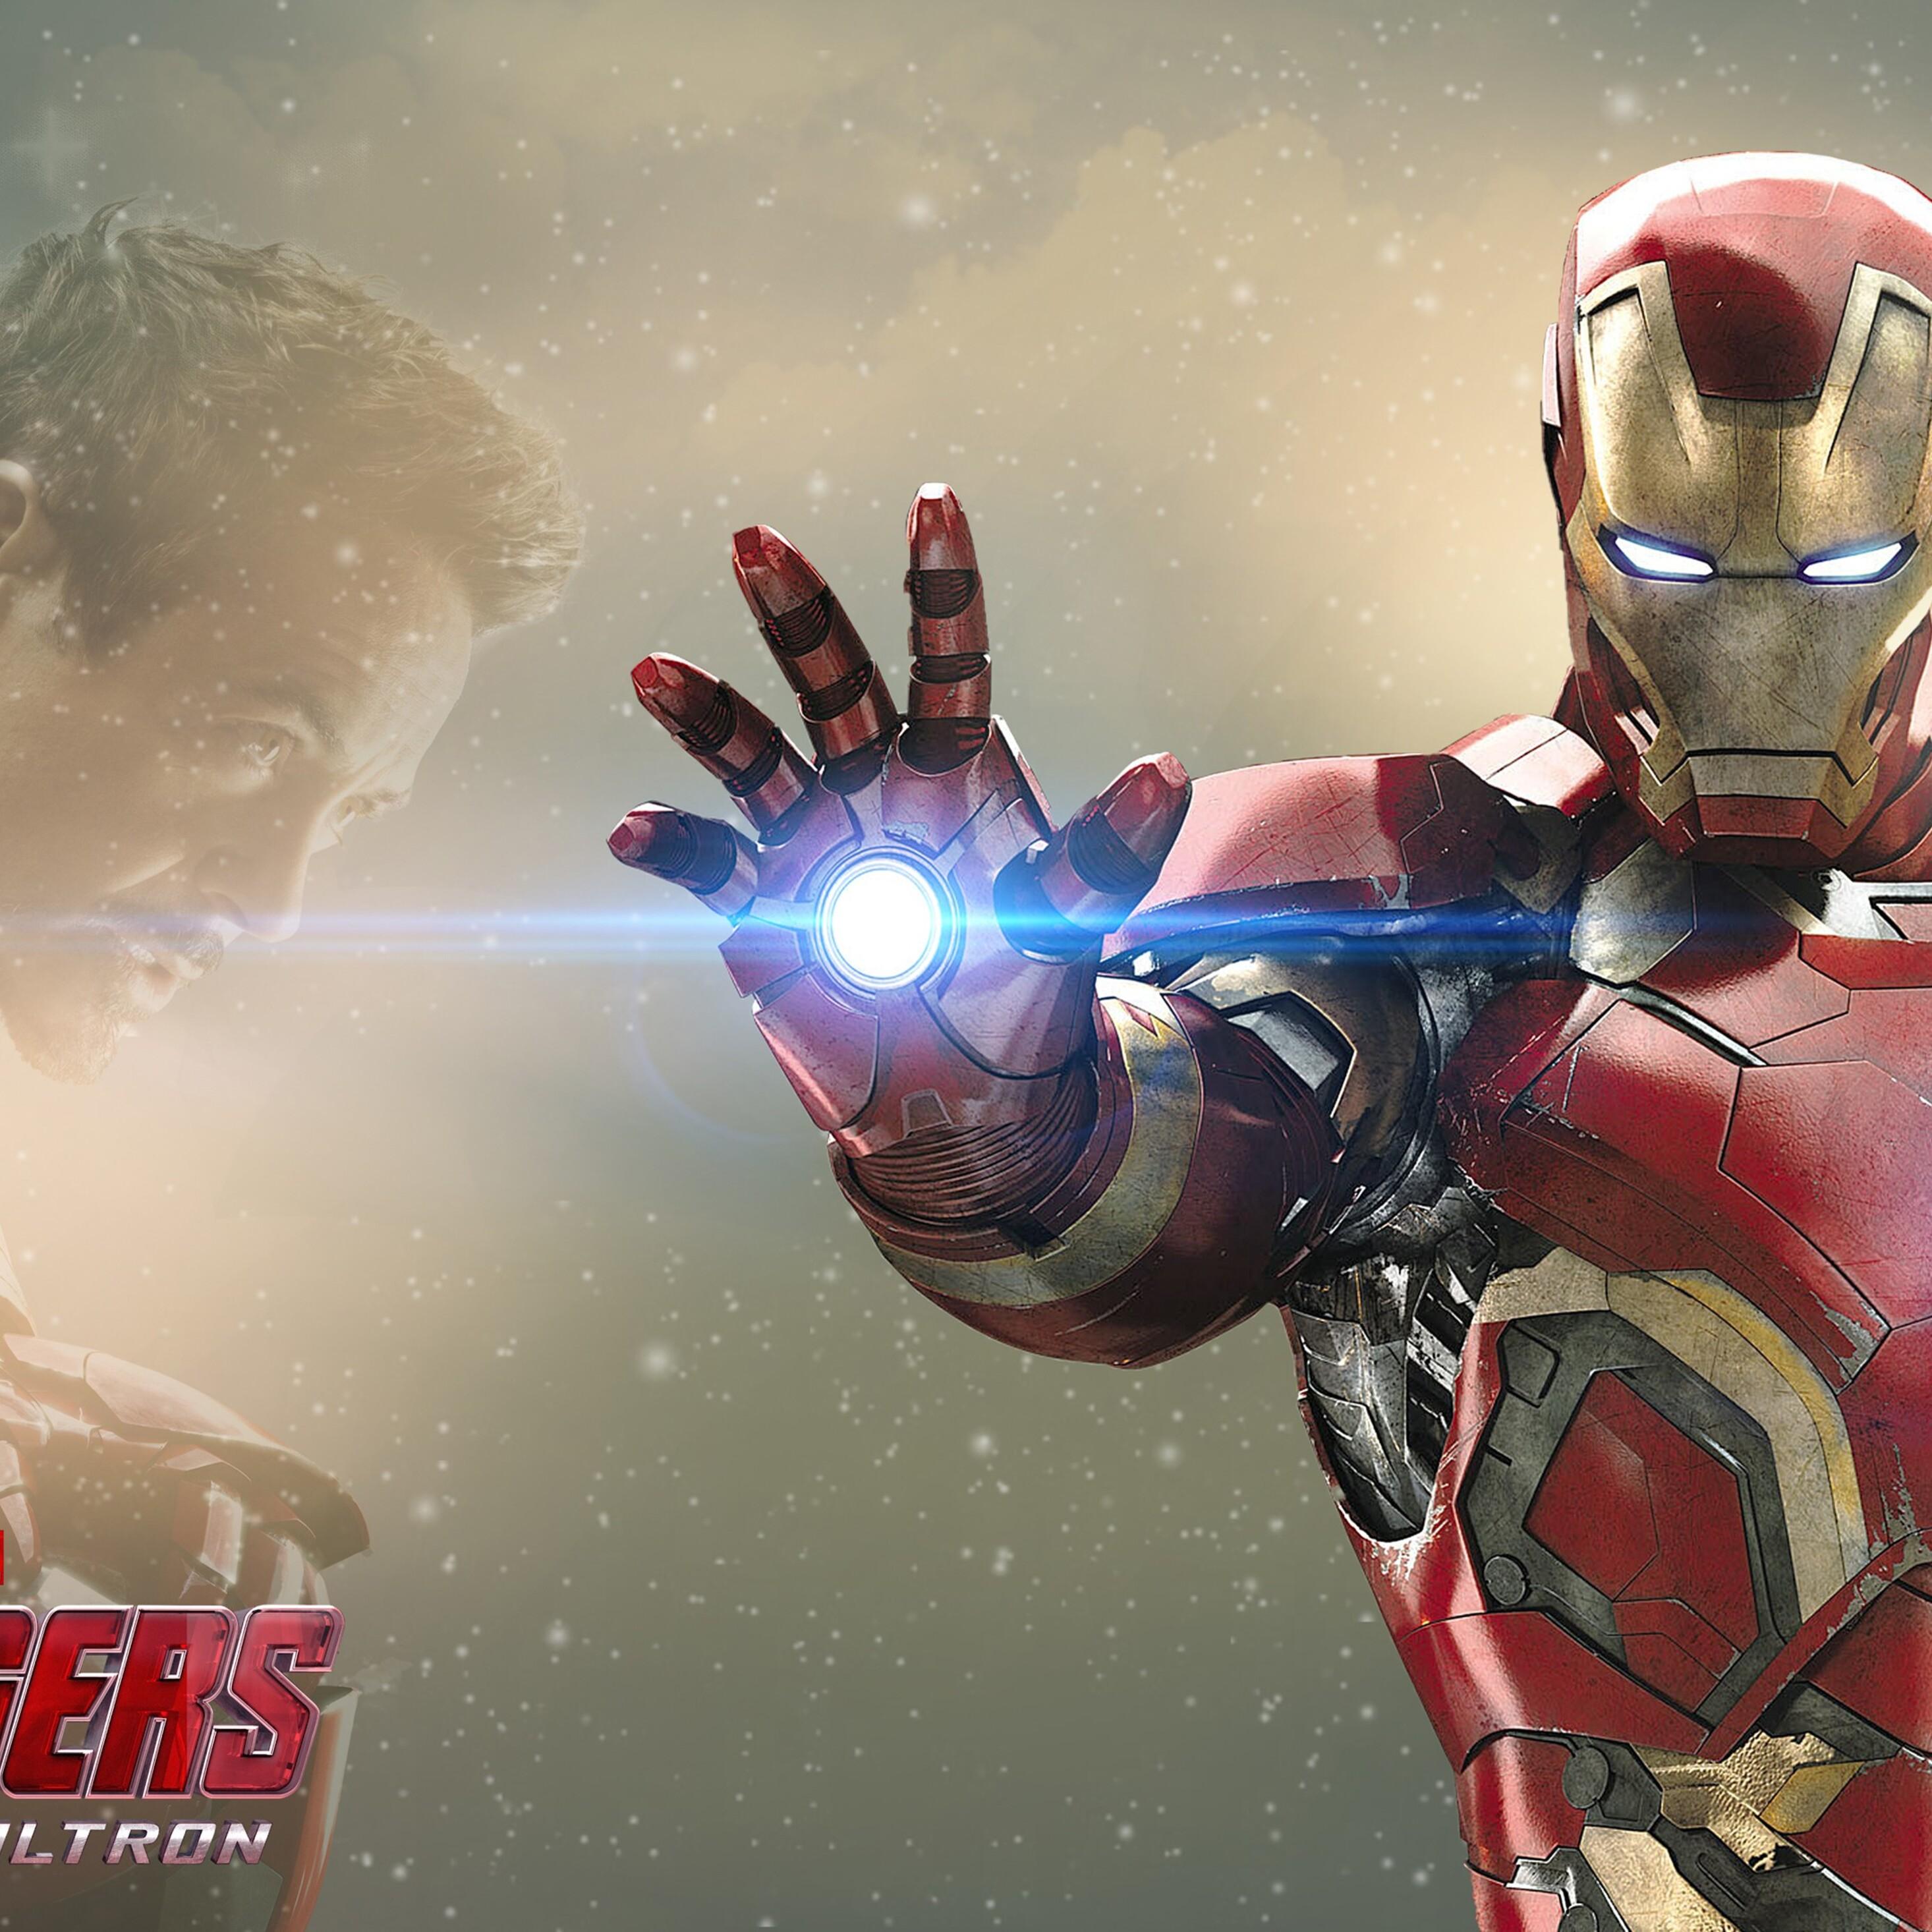 2932x2932 Iron Man 4k Ipad Pro Retina Display HD 4k ...